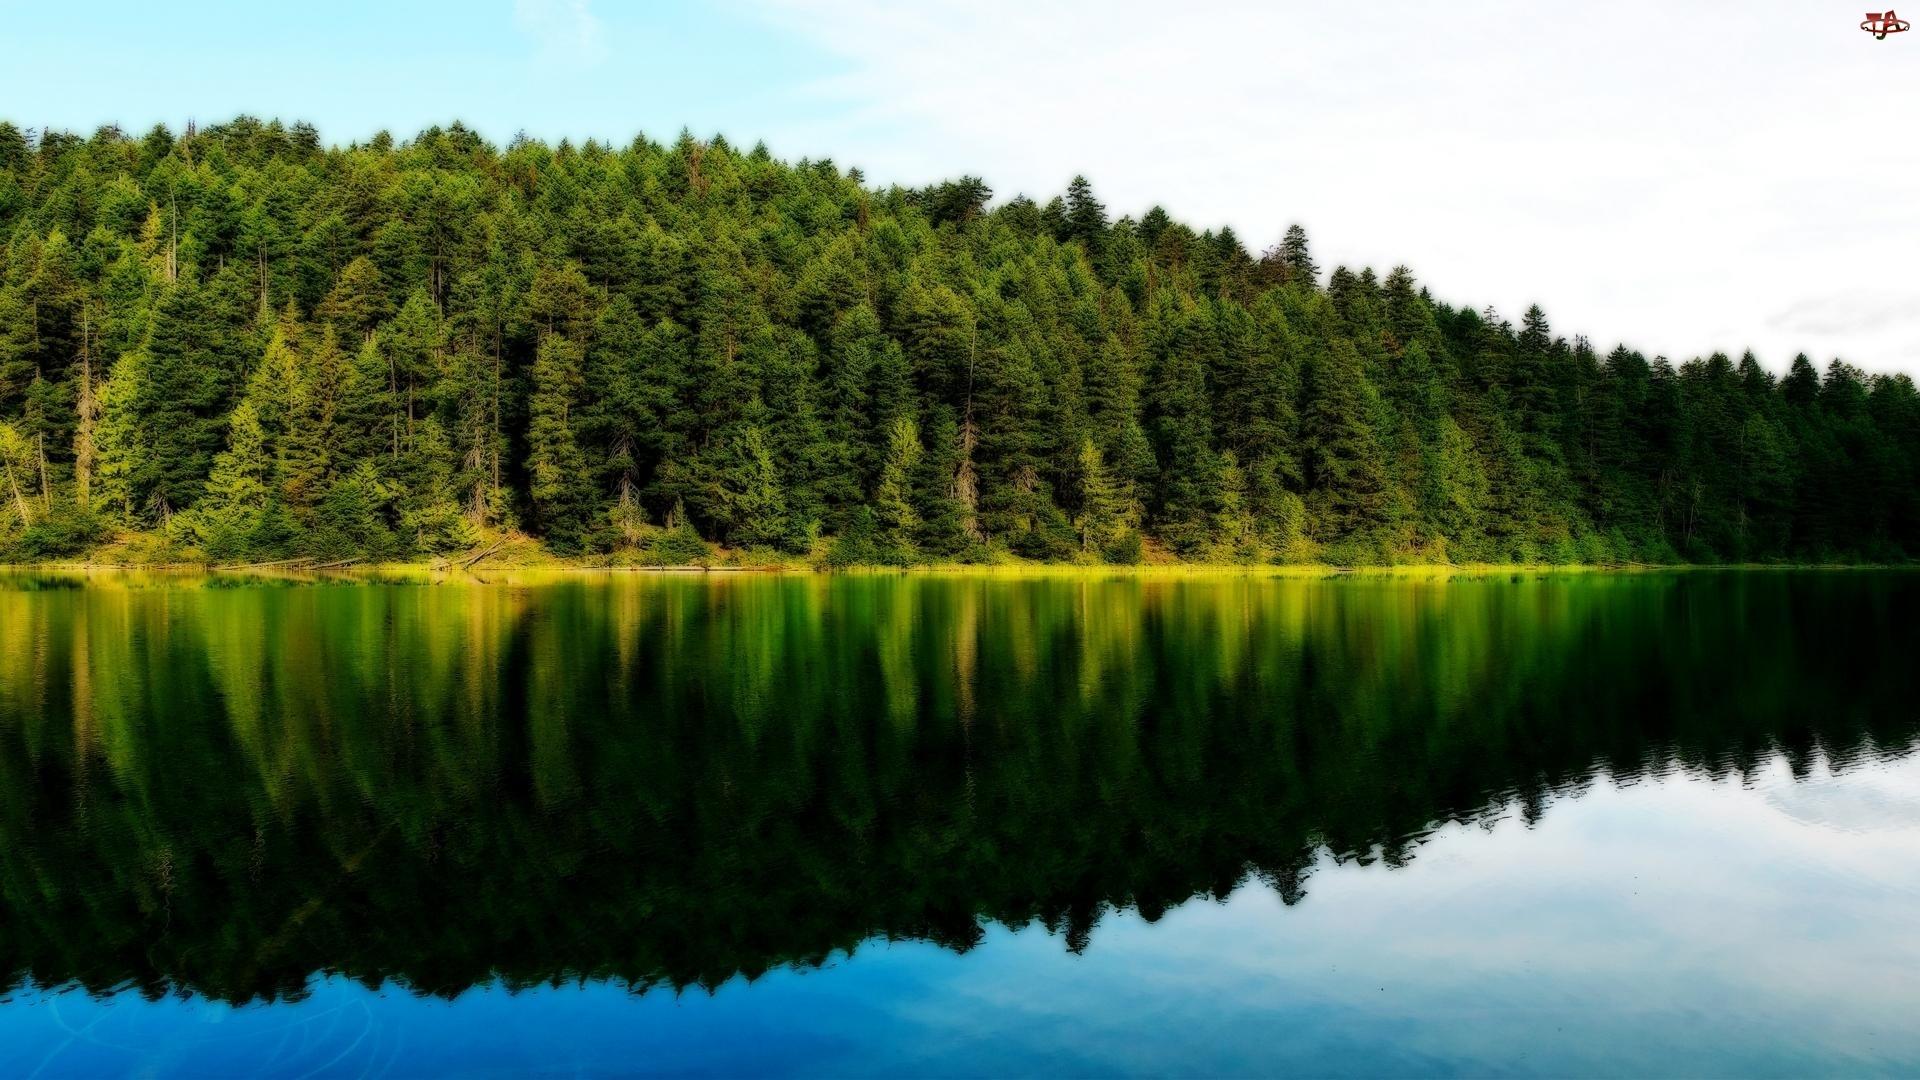 Jezioro, Drzewa, Lustrzane, Odbicie